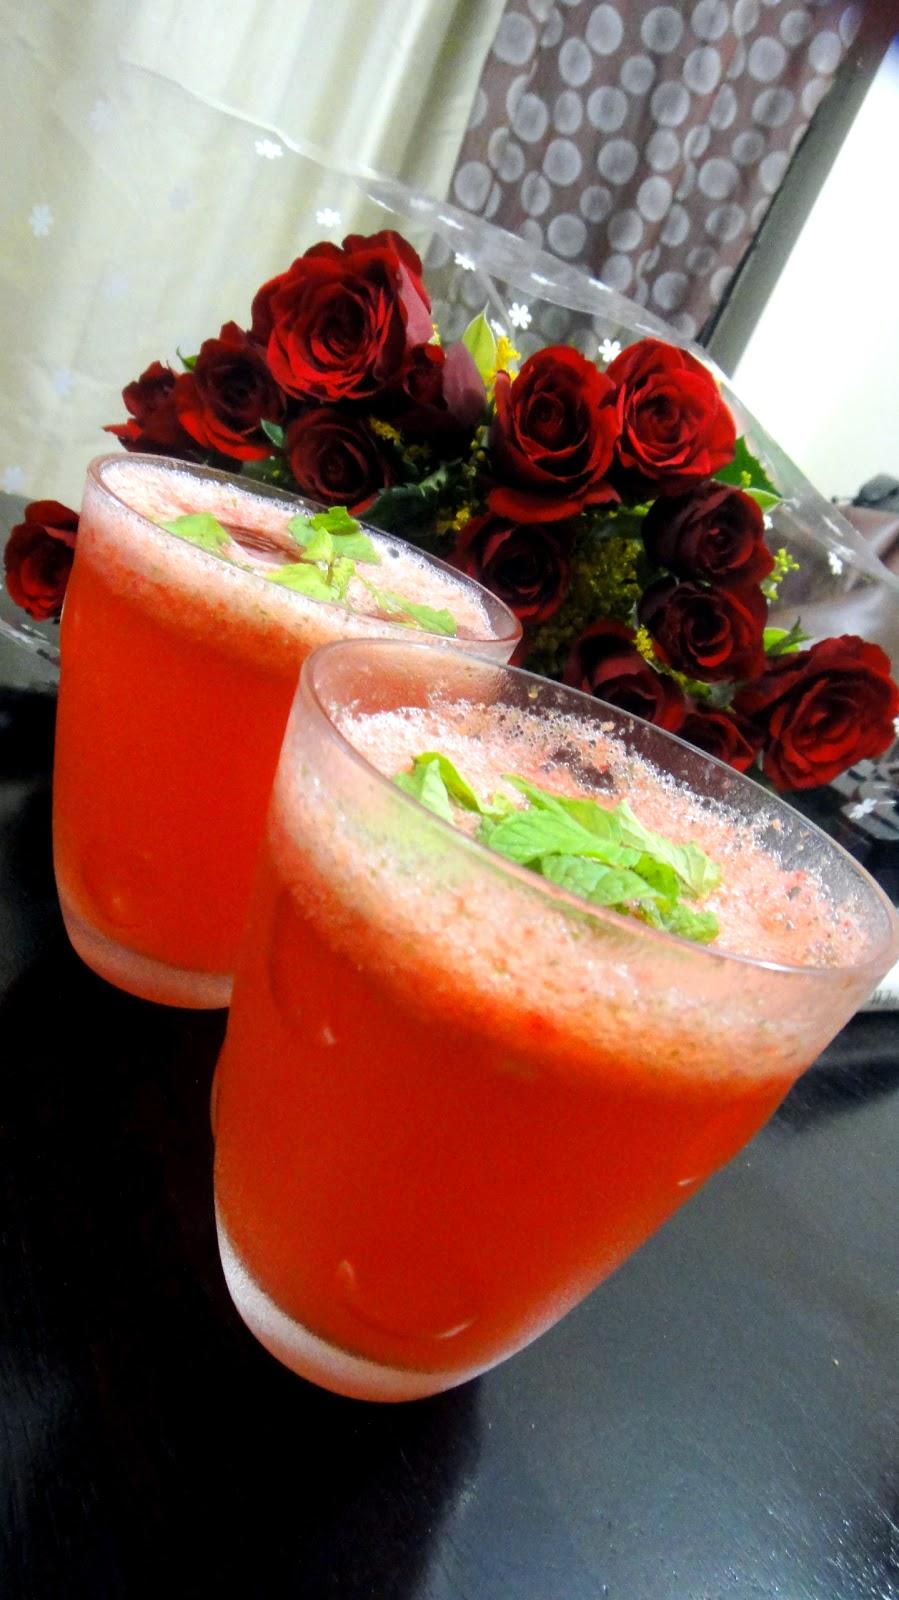 ... fizz rosemary gin fizz ramos gin fizz the concord fizz pink gin fizz